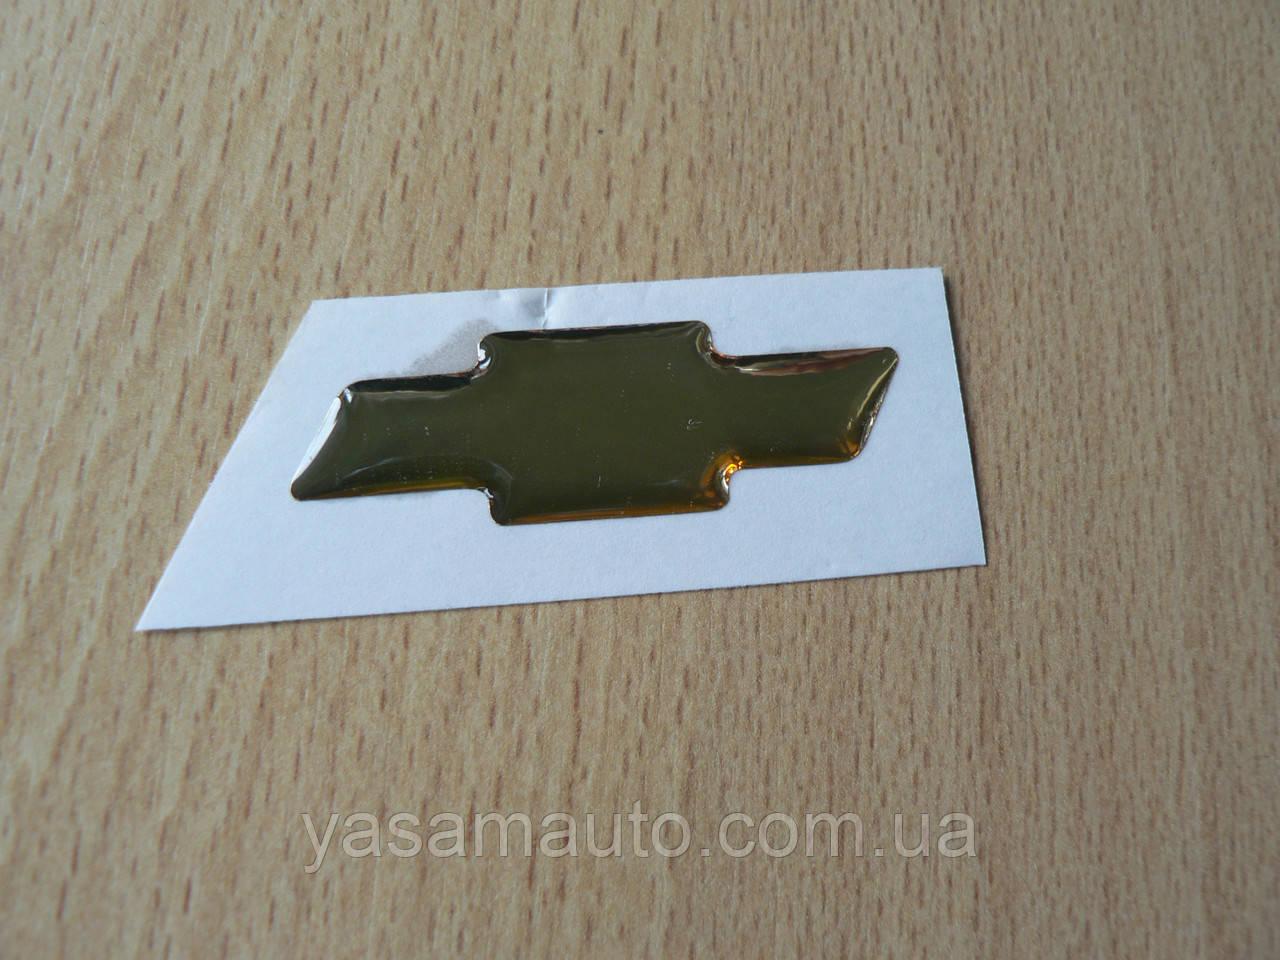 Наклейка s вставка в эмблему Chevrolet на руль крестик 44х14.5мм силиконовая золотистая эмблема авто Шевролет